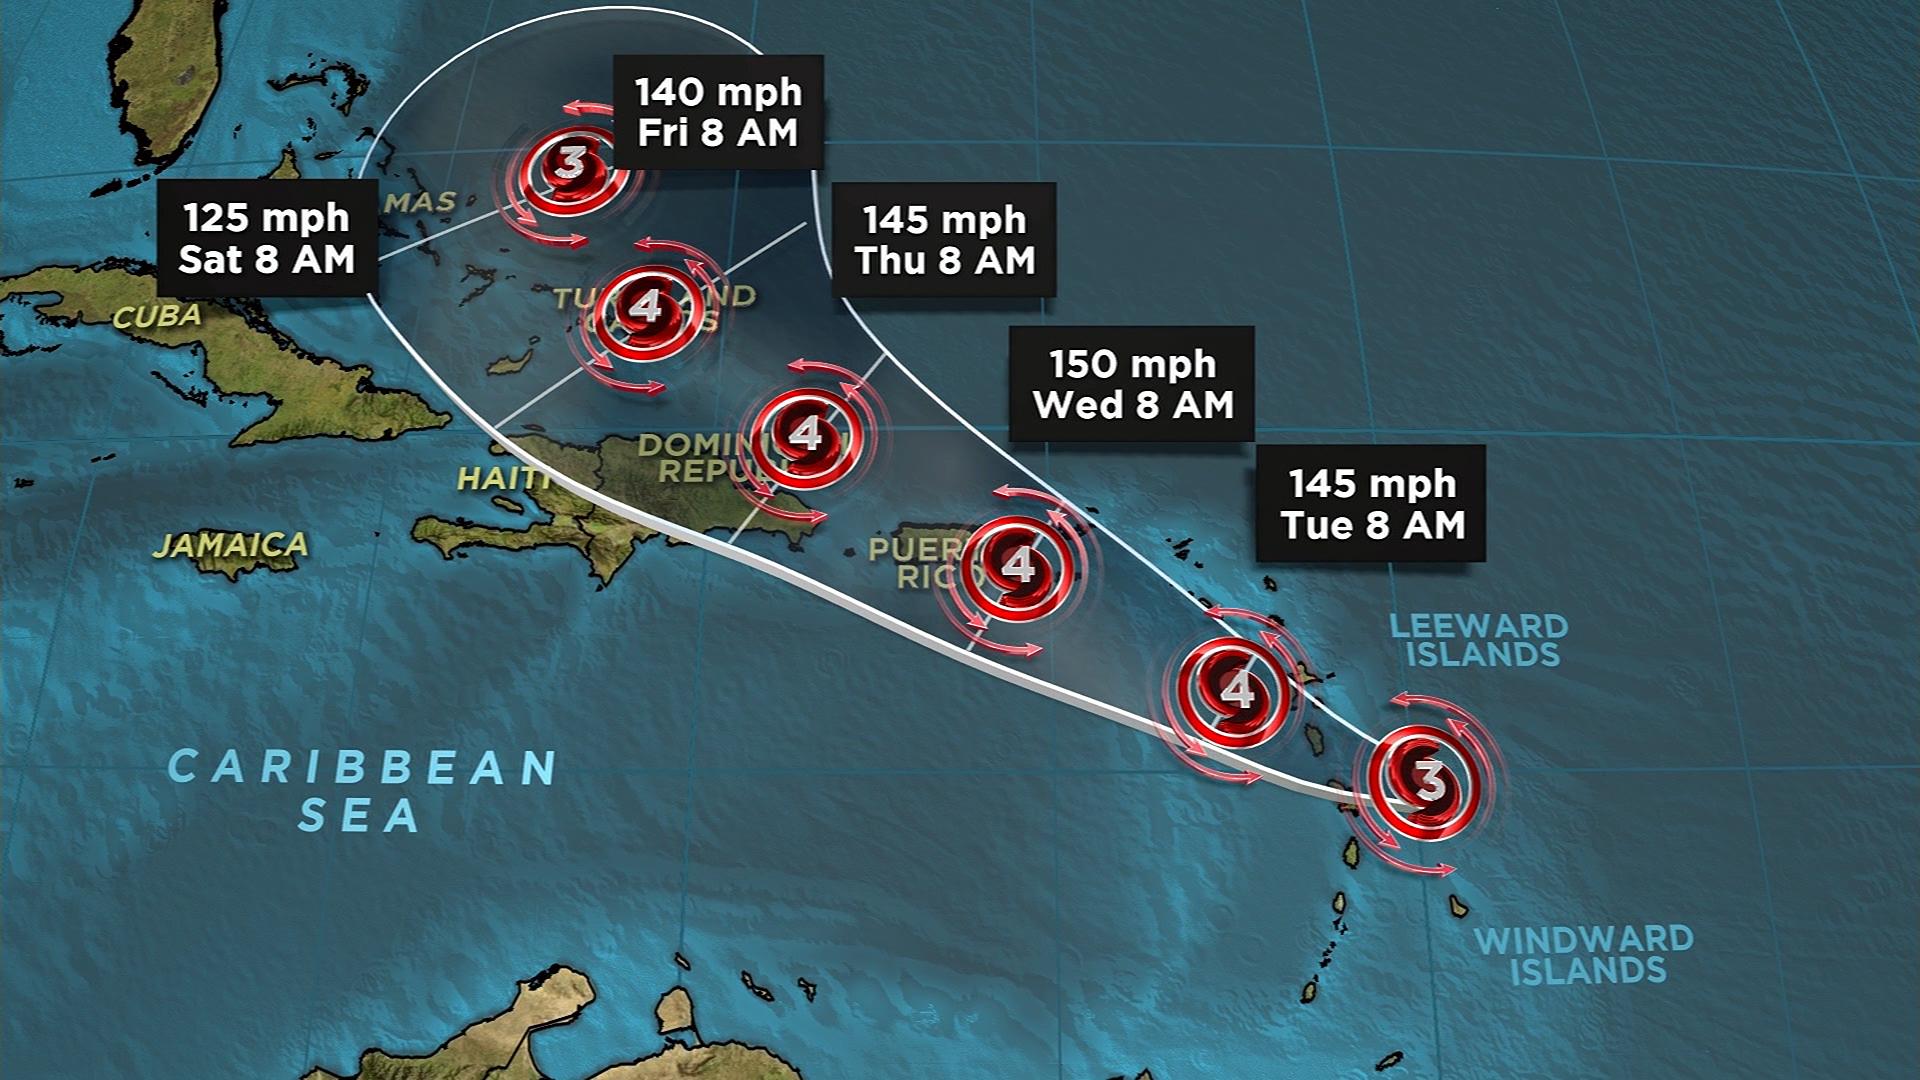 Hurricane Maria forecasted track 9-18-159532.jpg36296505